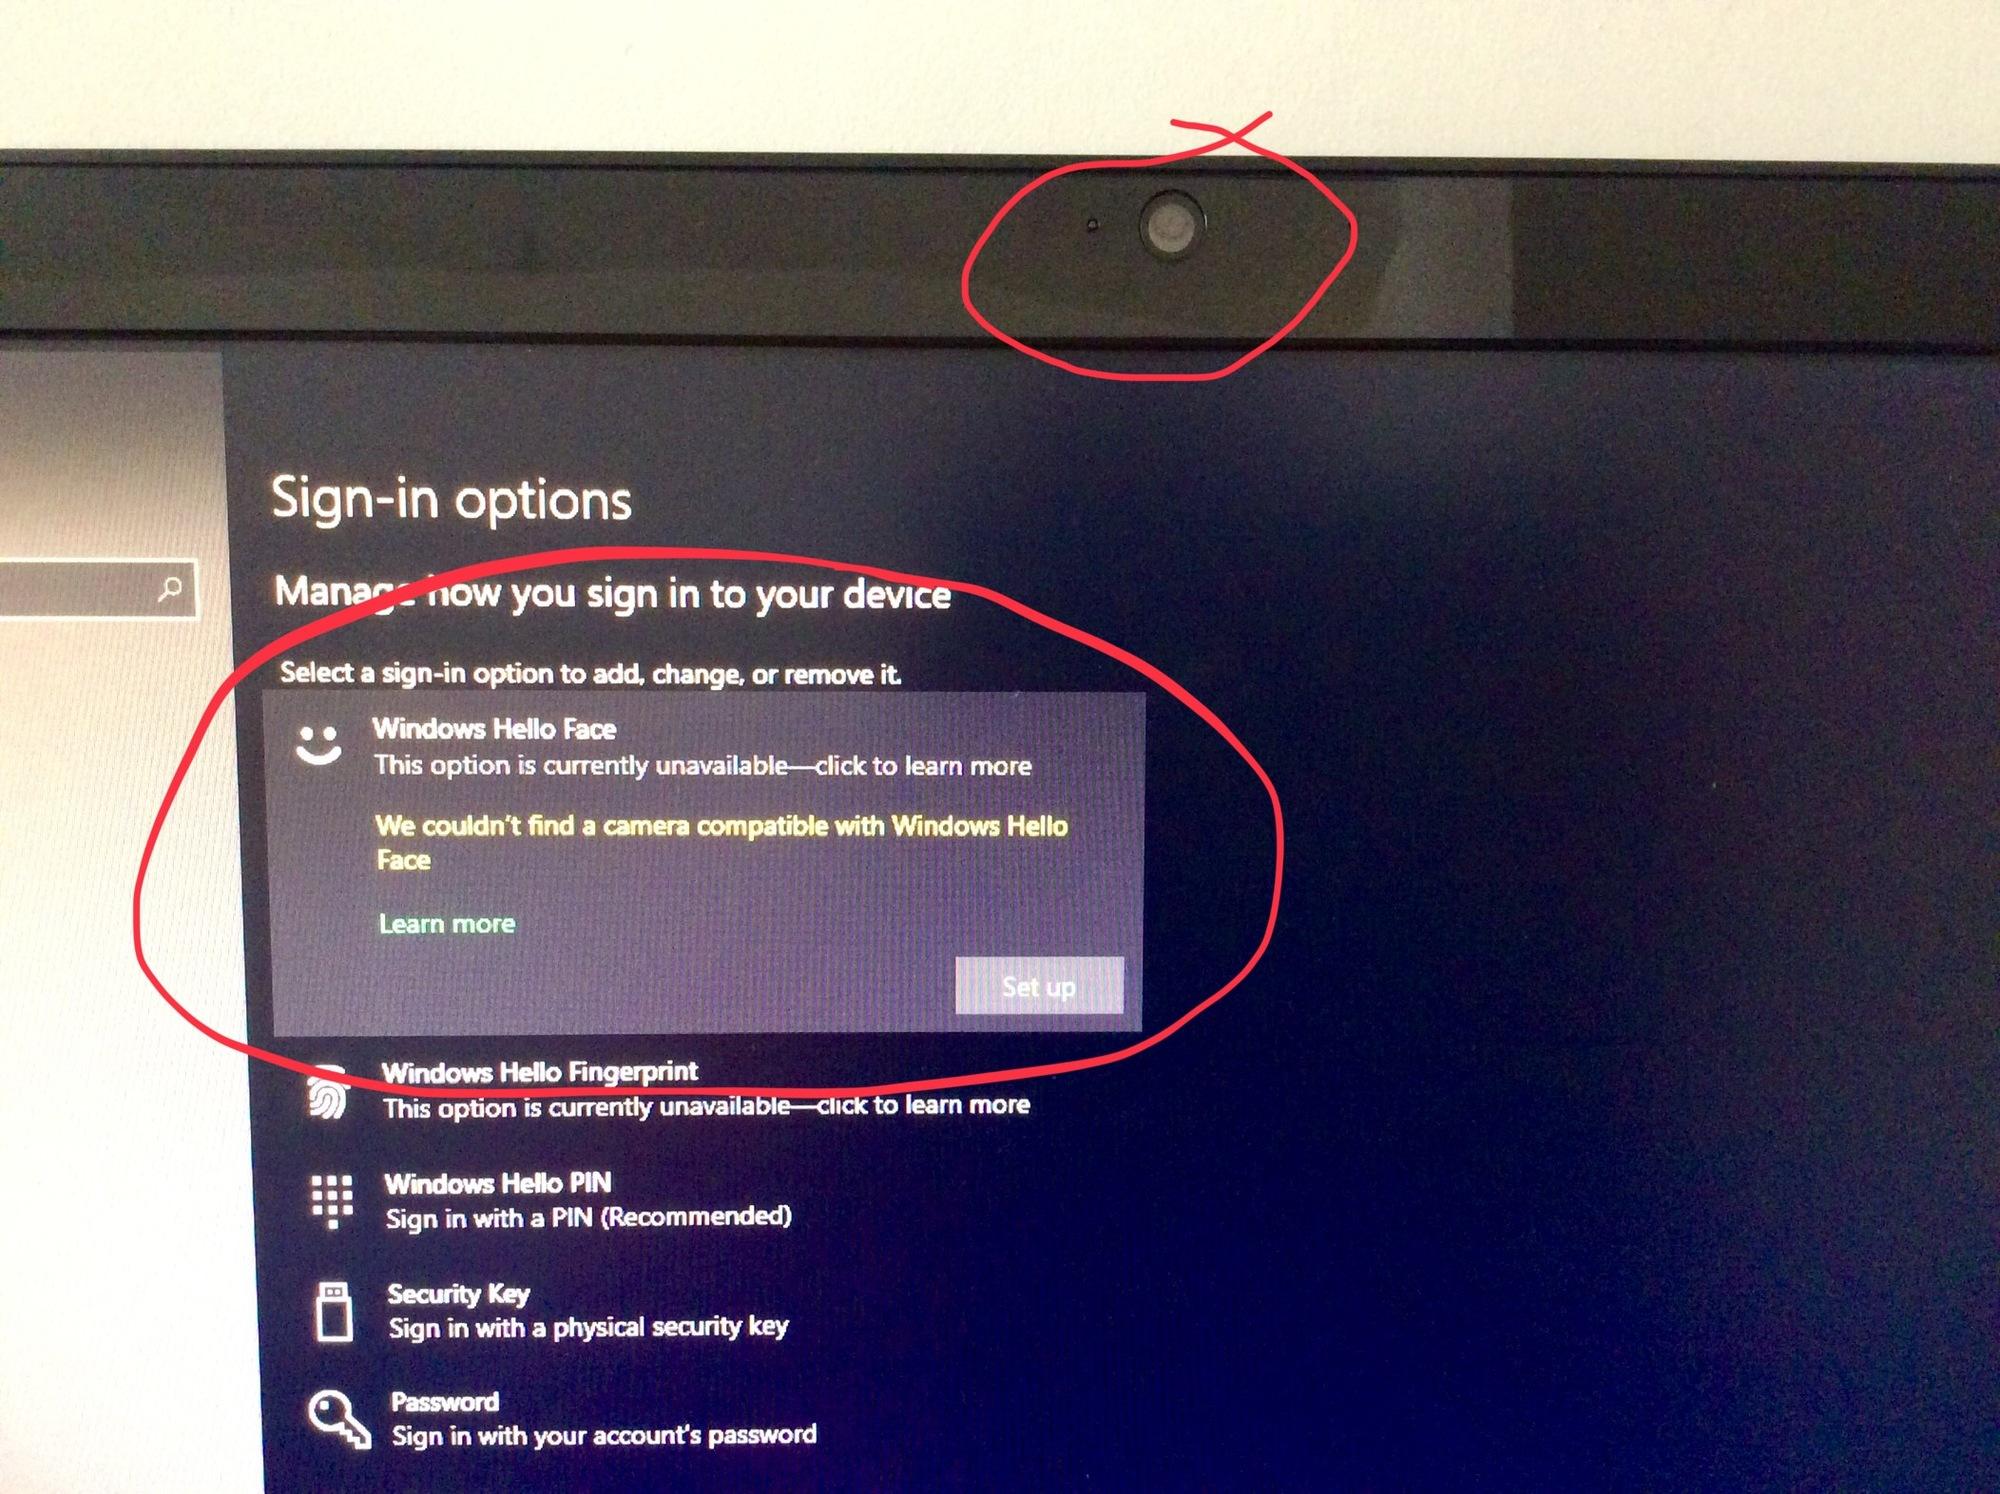 Windows Hello Face e10bead1-c0f3-4c3c-a126-5611d9ed2f25?upload=true.jpg